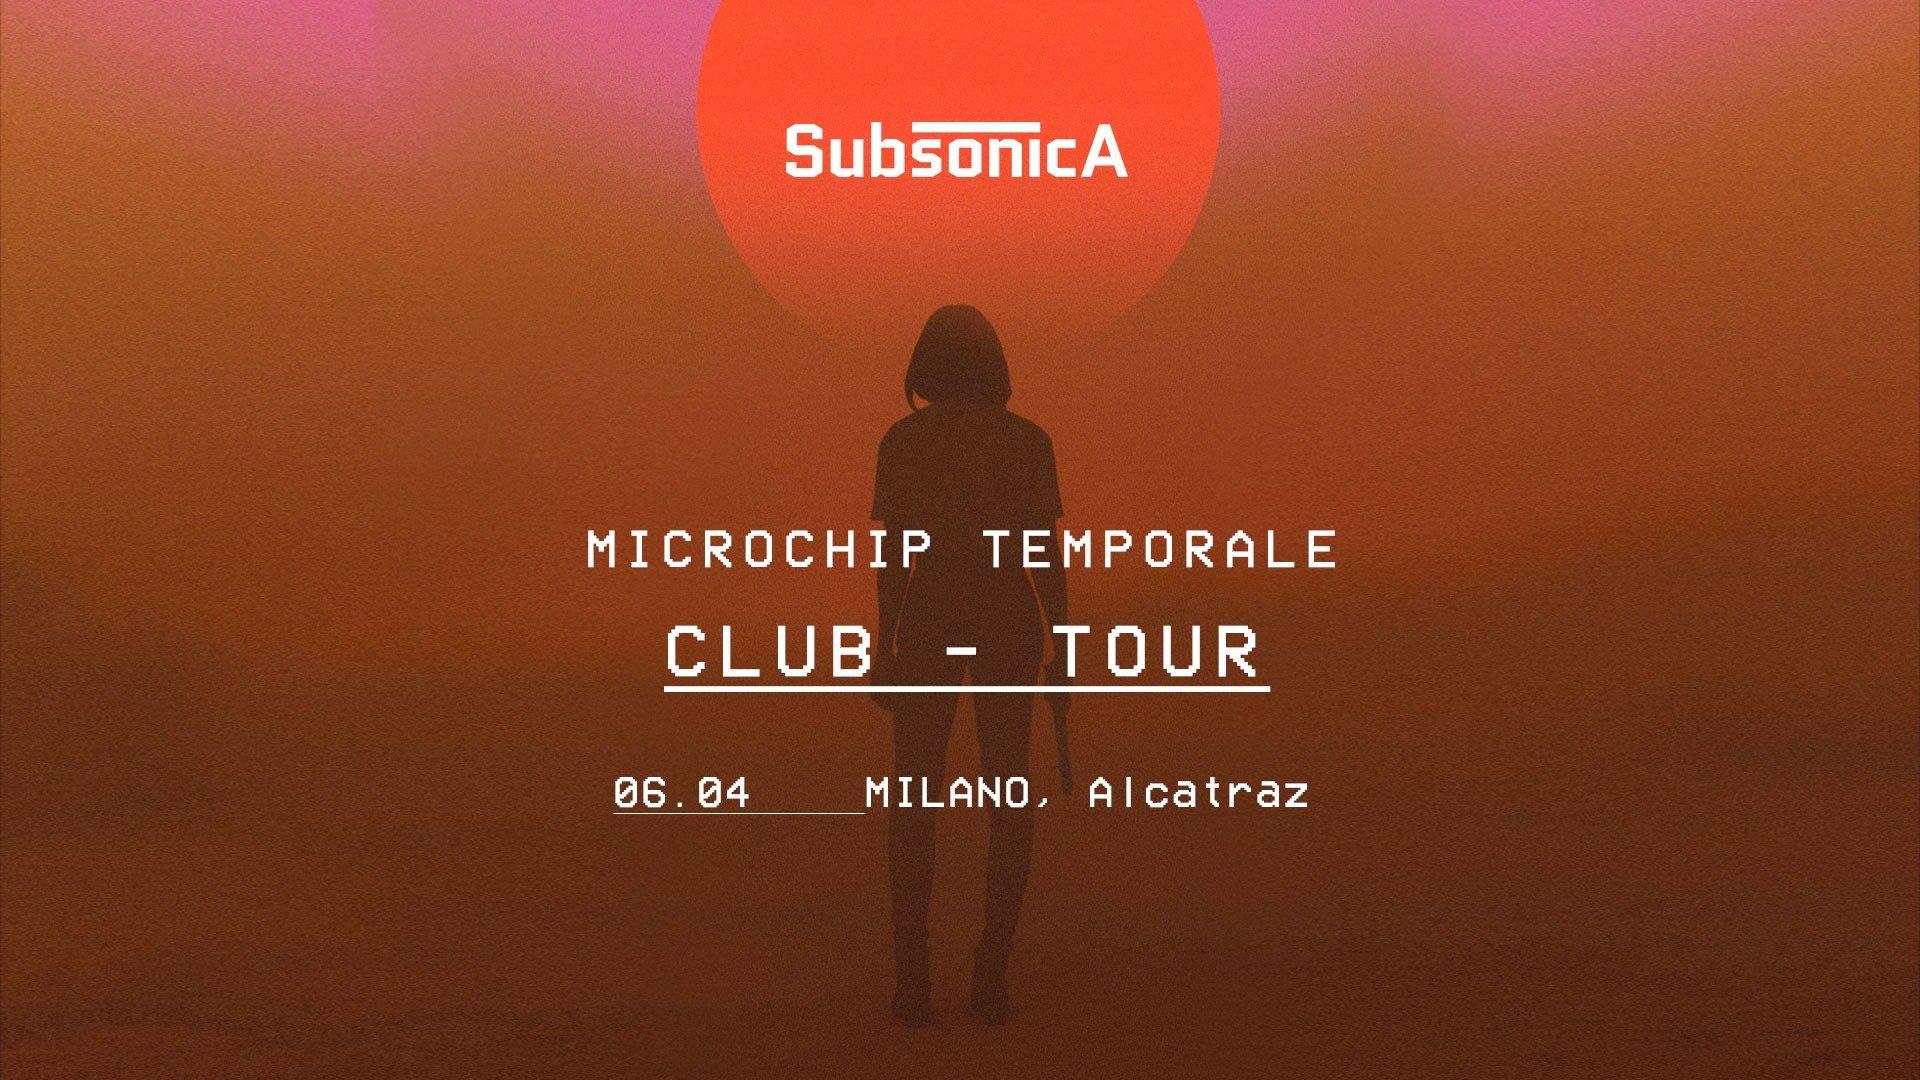 Alcatraz Milano, Subsonica, Microchip Temporale